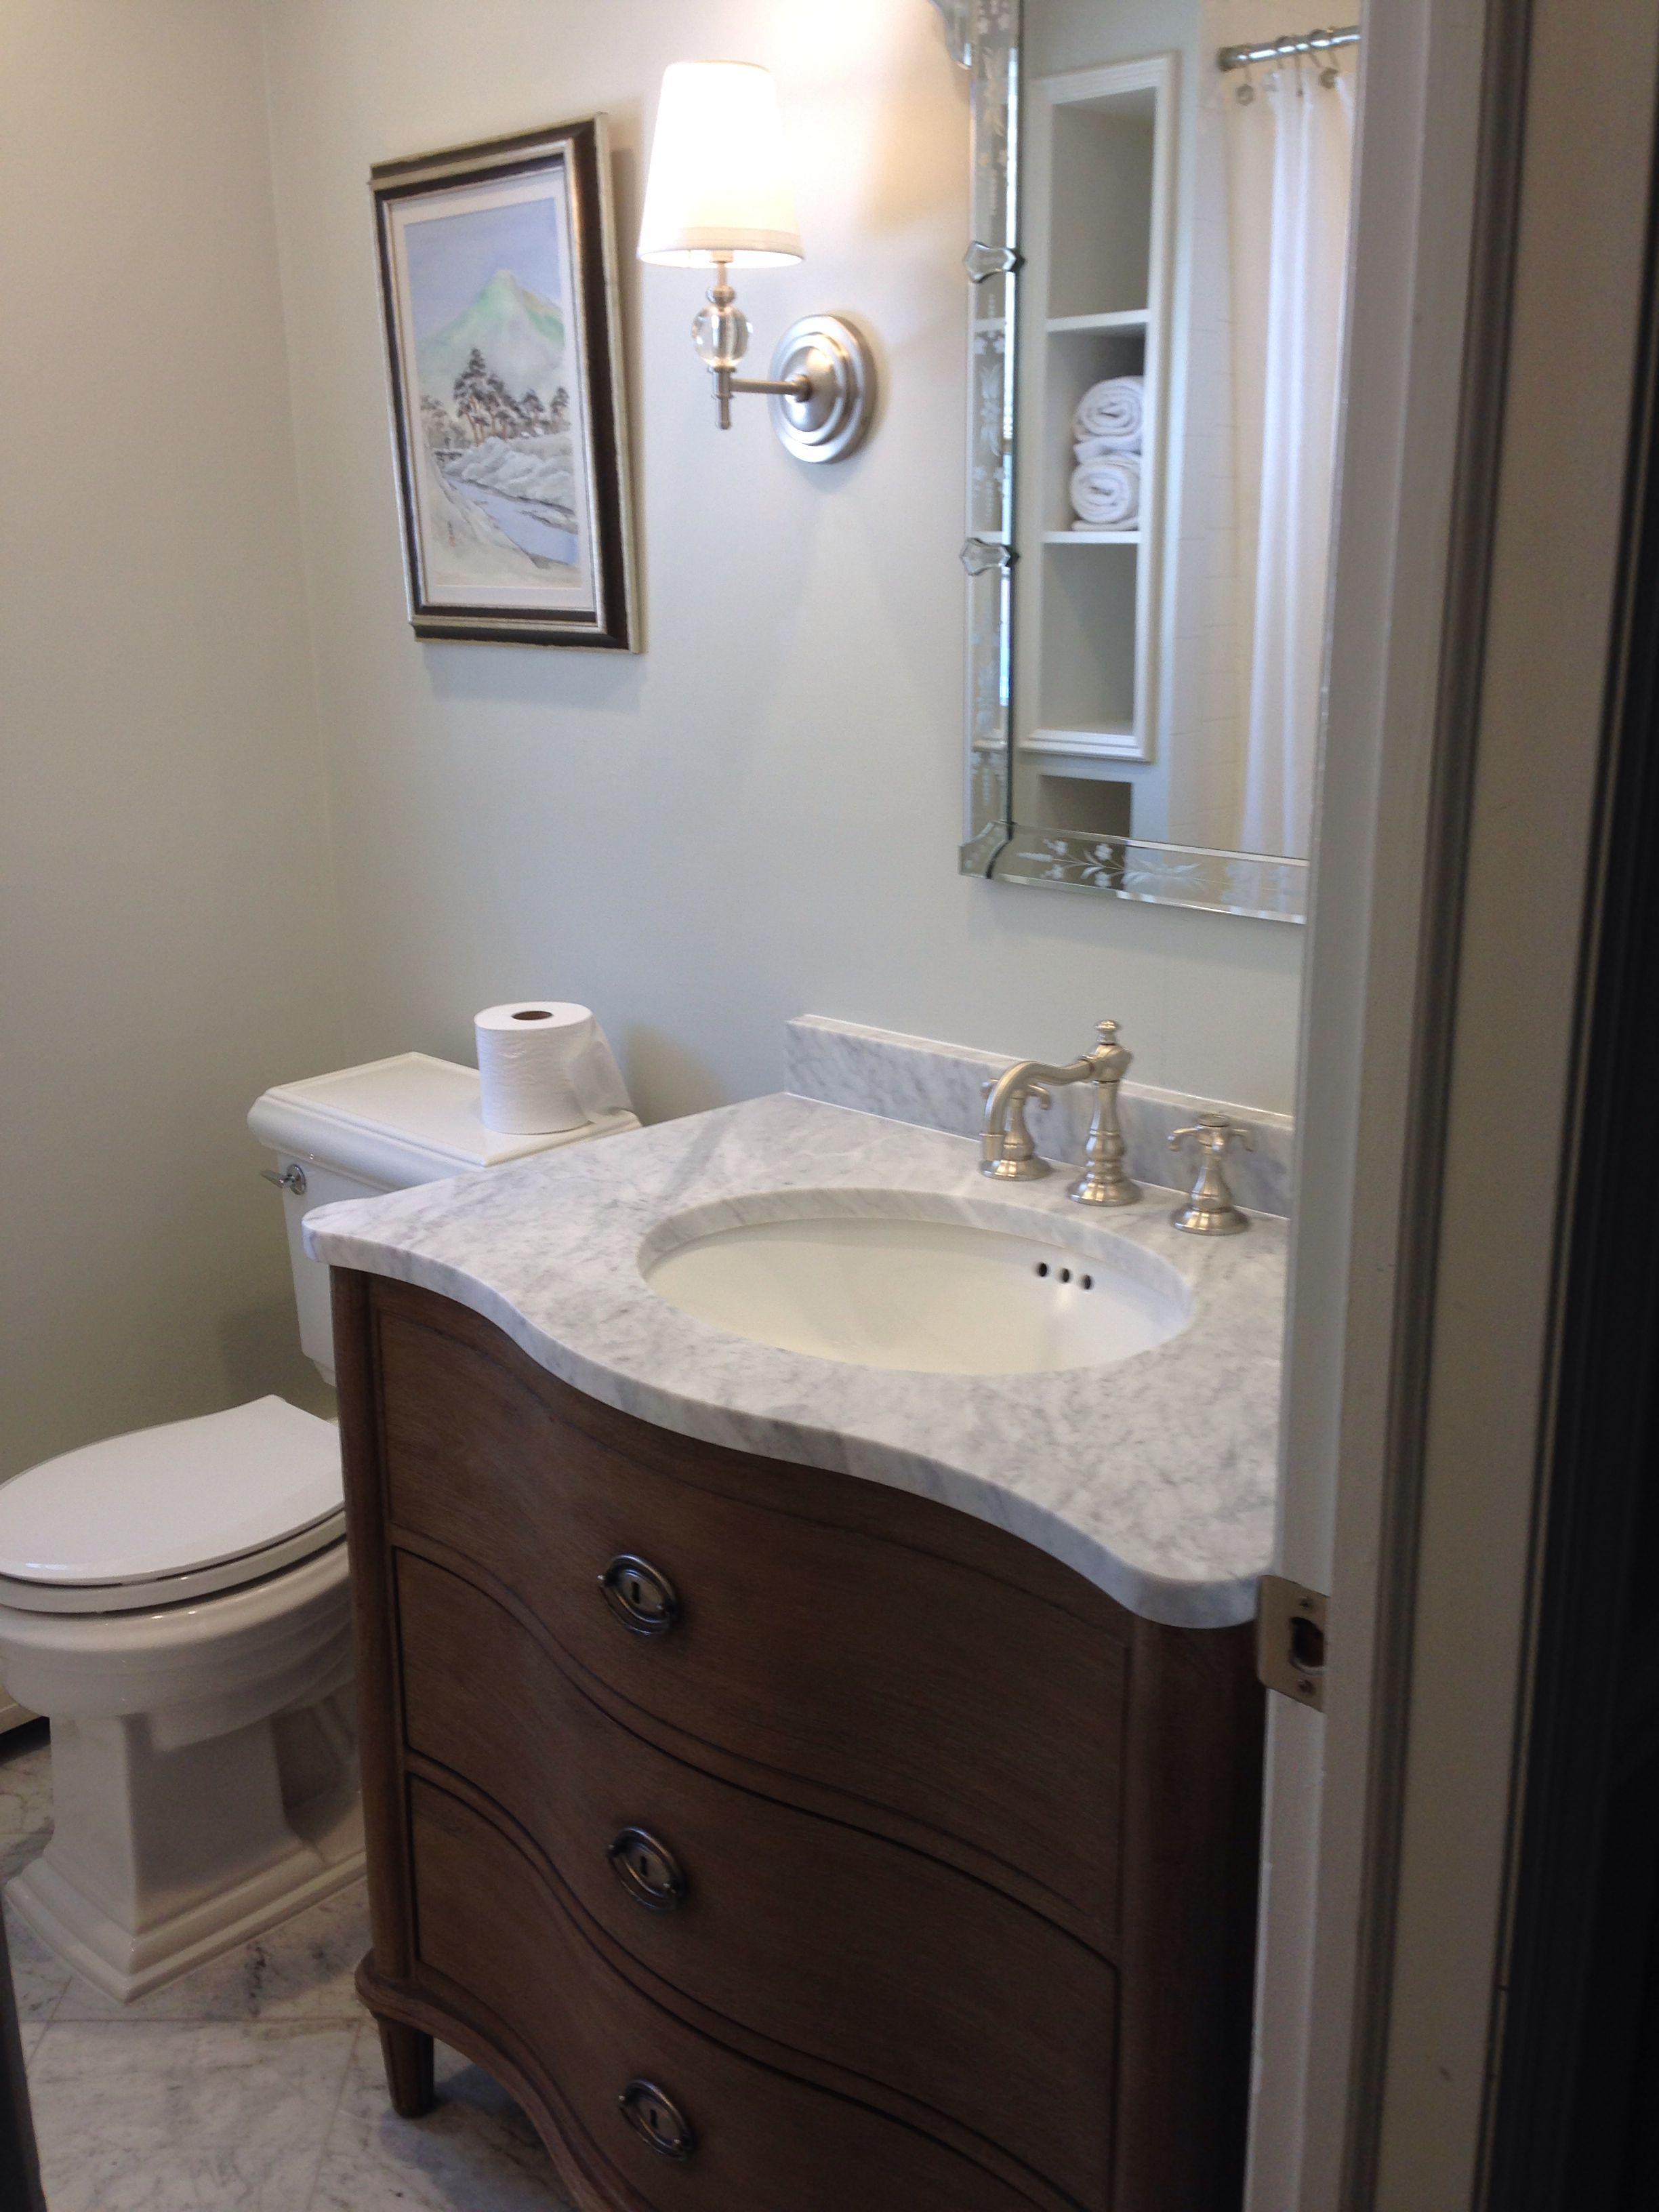 Lowes bathroom hardware